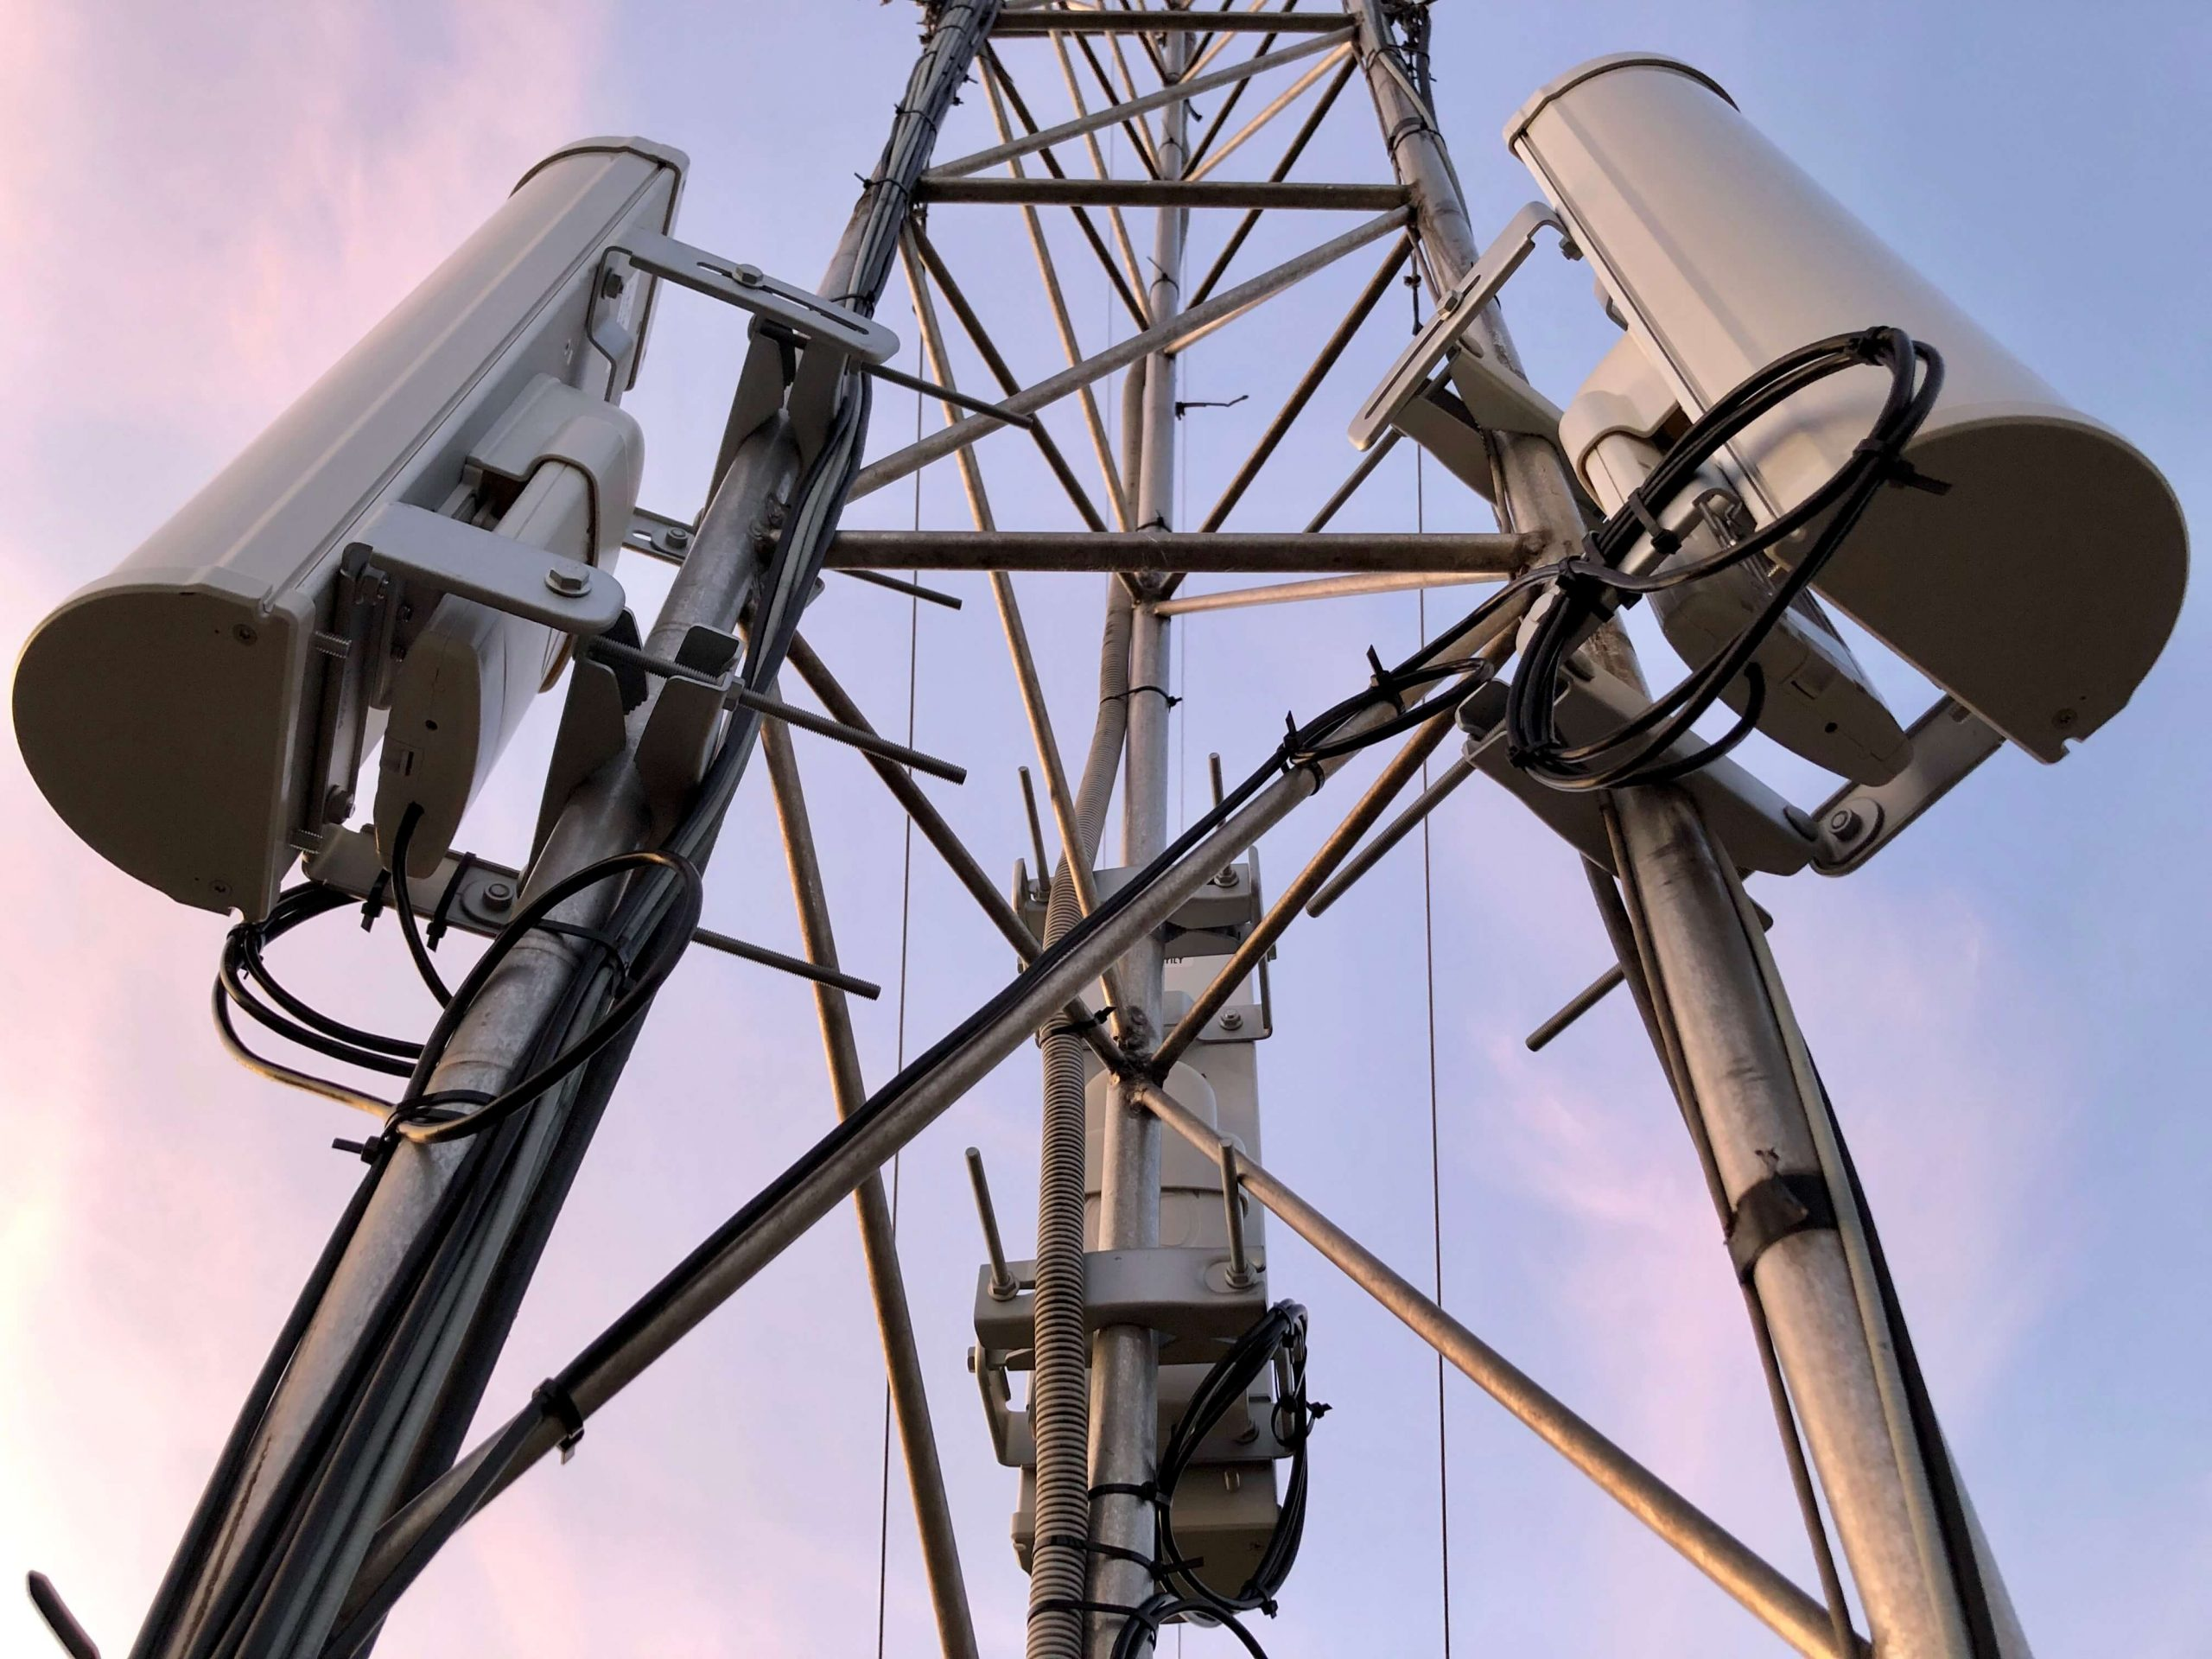 Wdrożenie ePMP wieża z sektorem